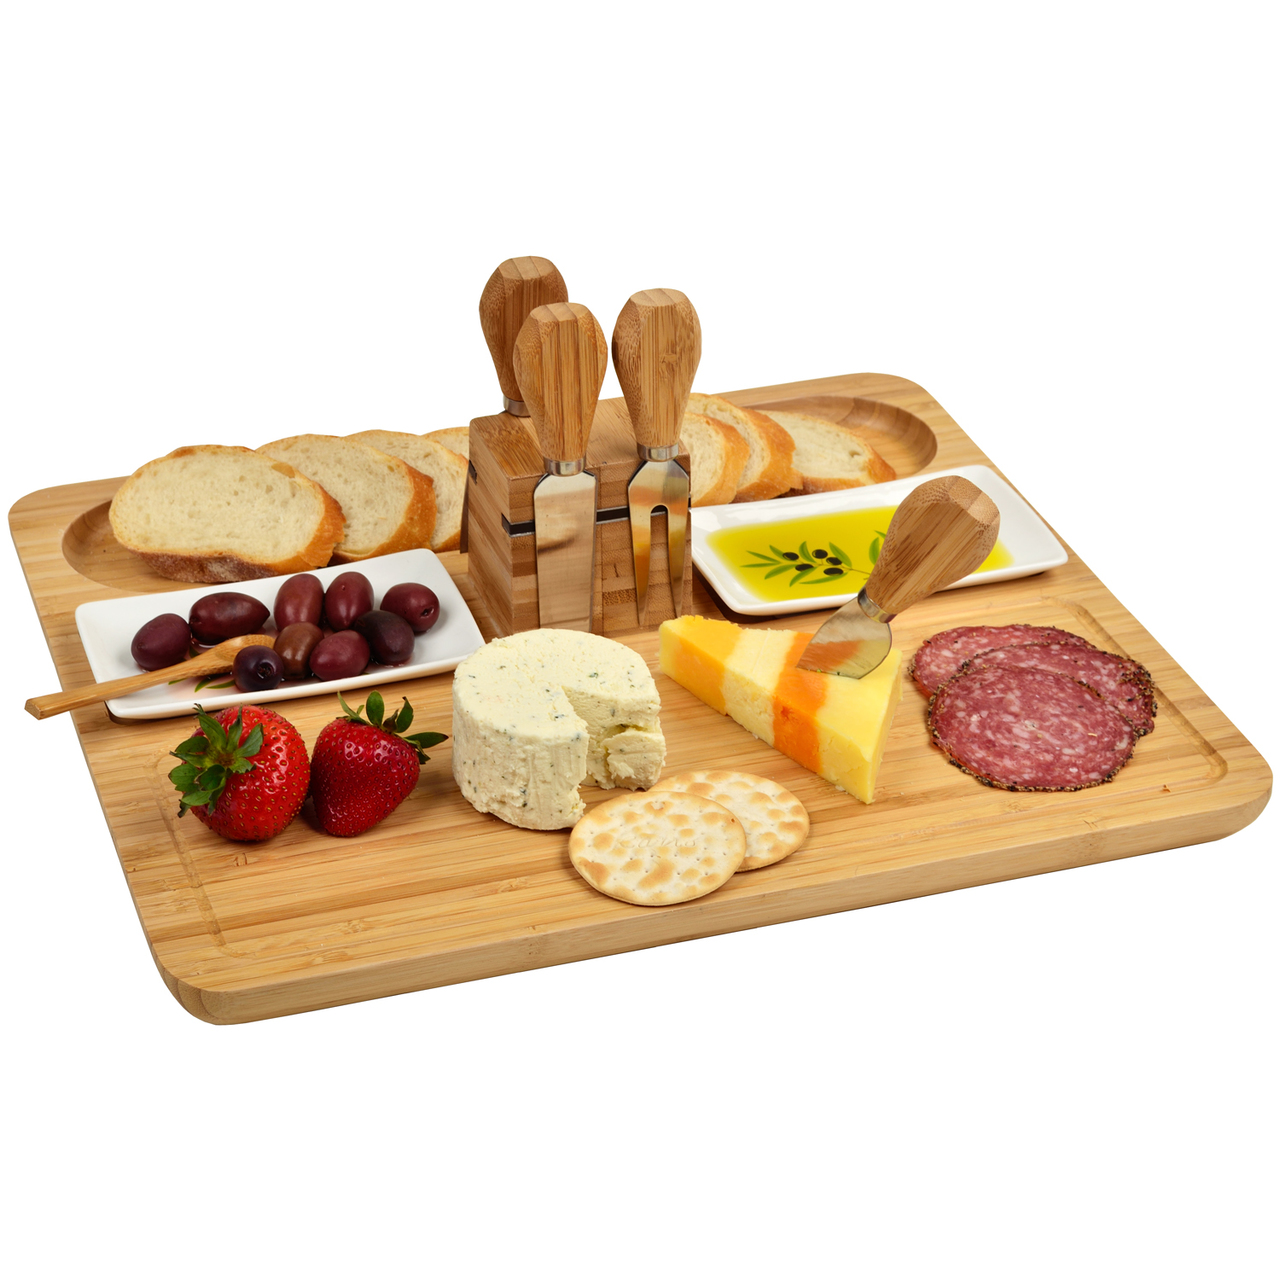 Picnic At Ascot Sherborne Cheese Board Set